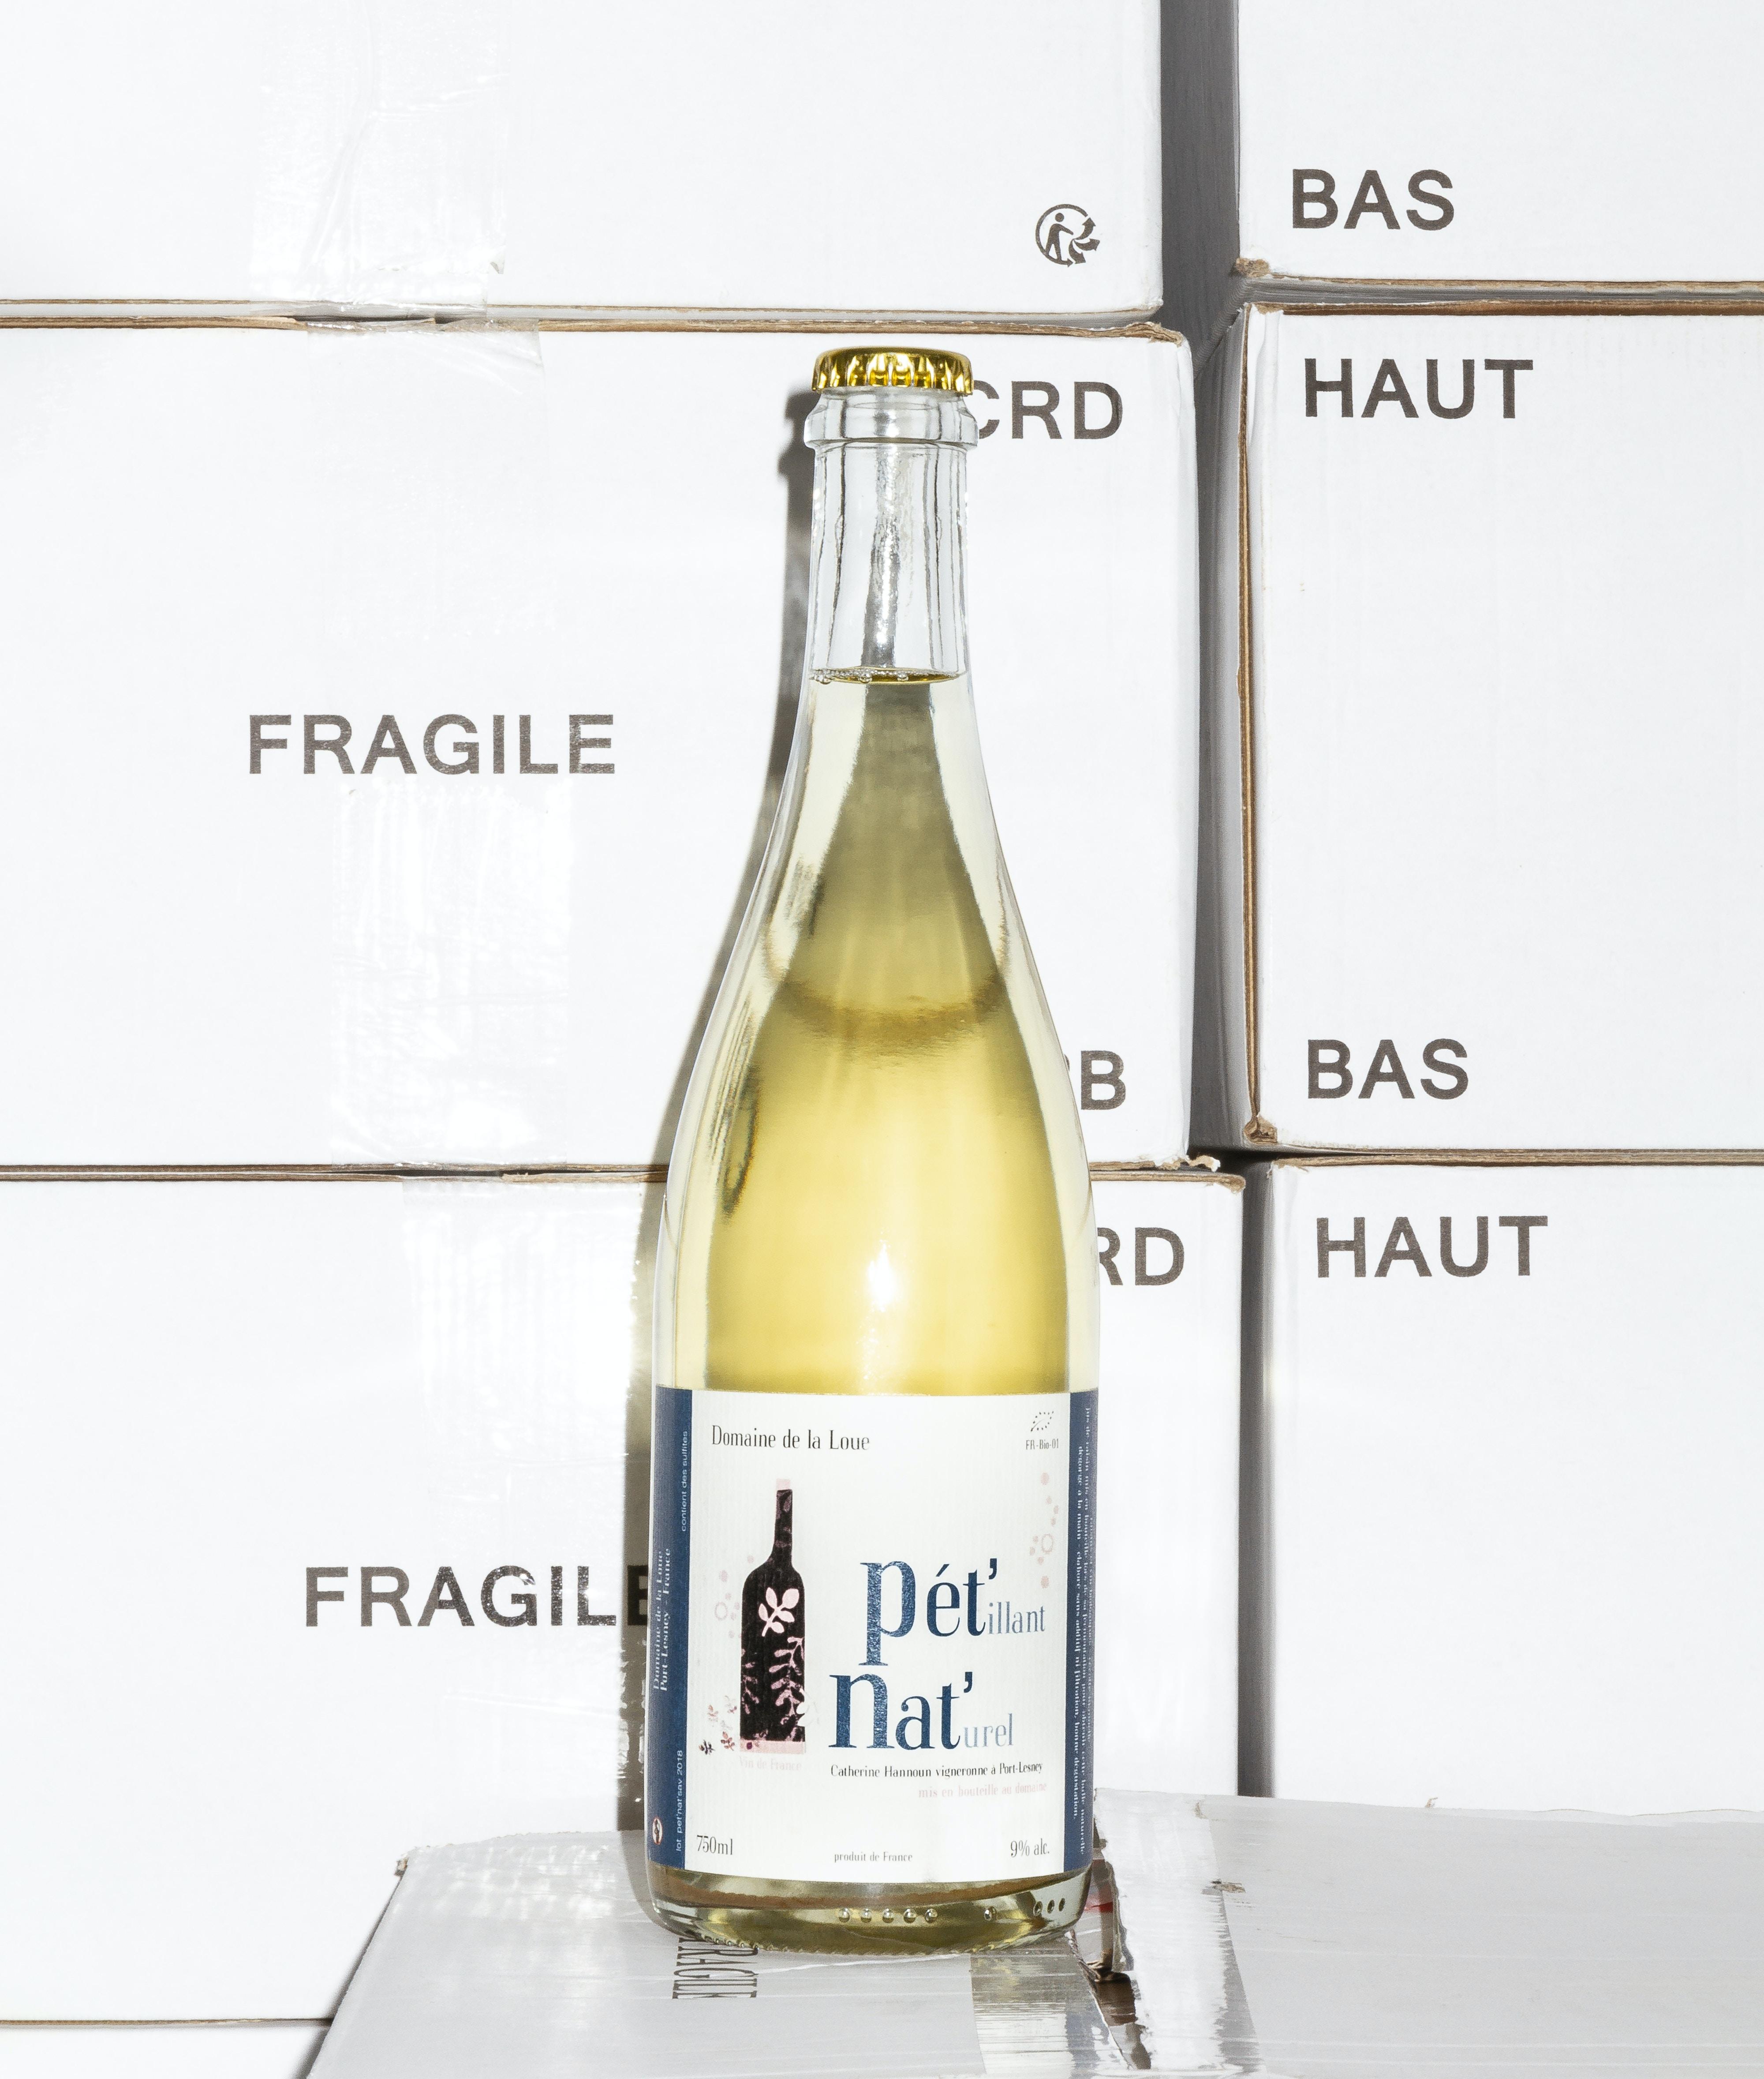 Pèt' Nat' 2018 by Domaine de la Loue